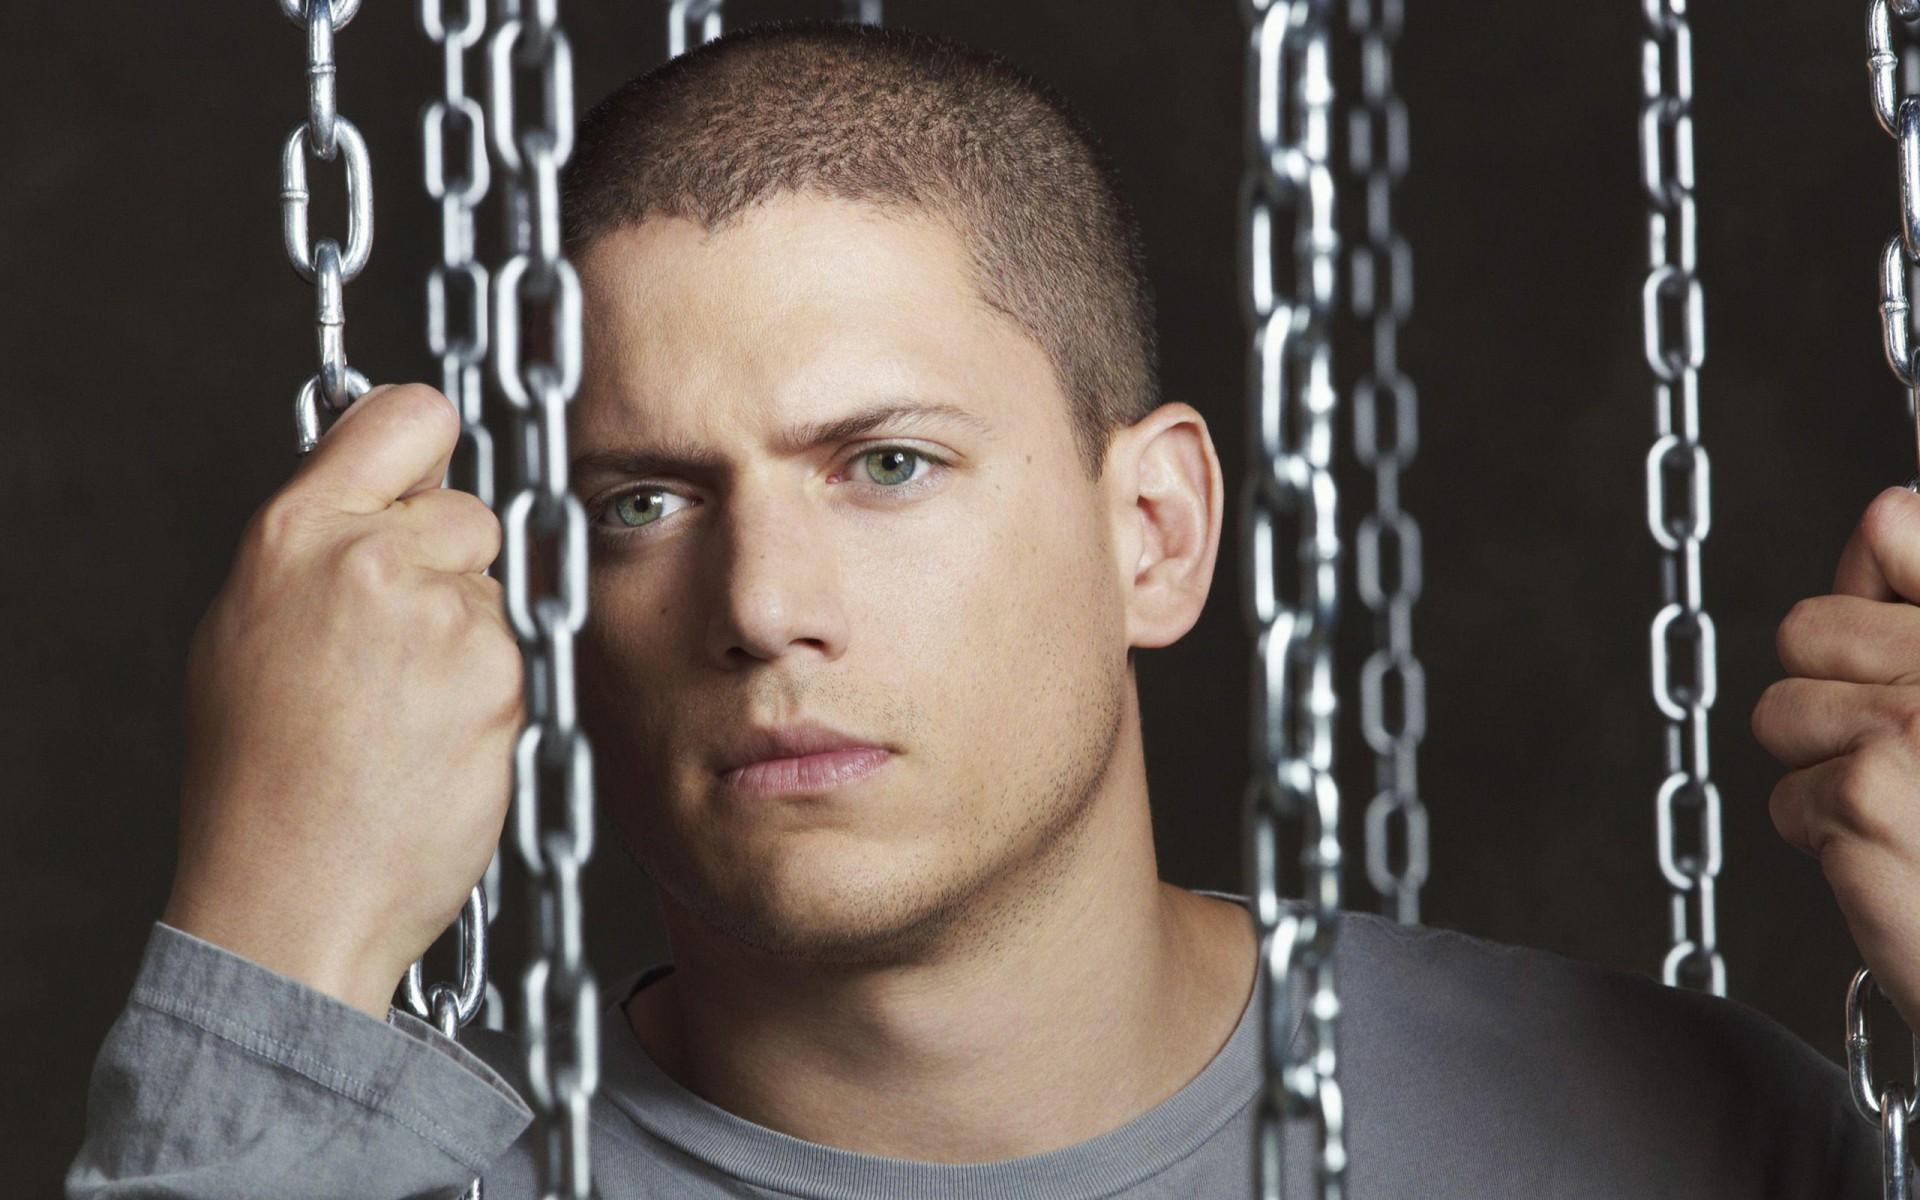 Prison Break Hd Wallpapers Download Wentworth Miller Prison Break Season 5 Wallpapers Hd